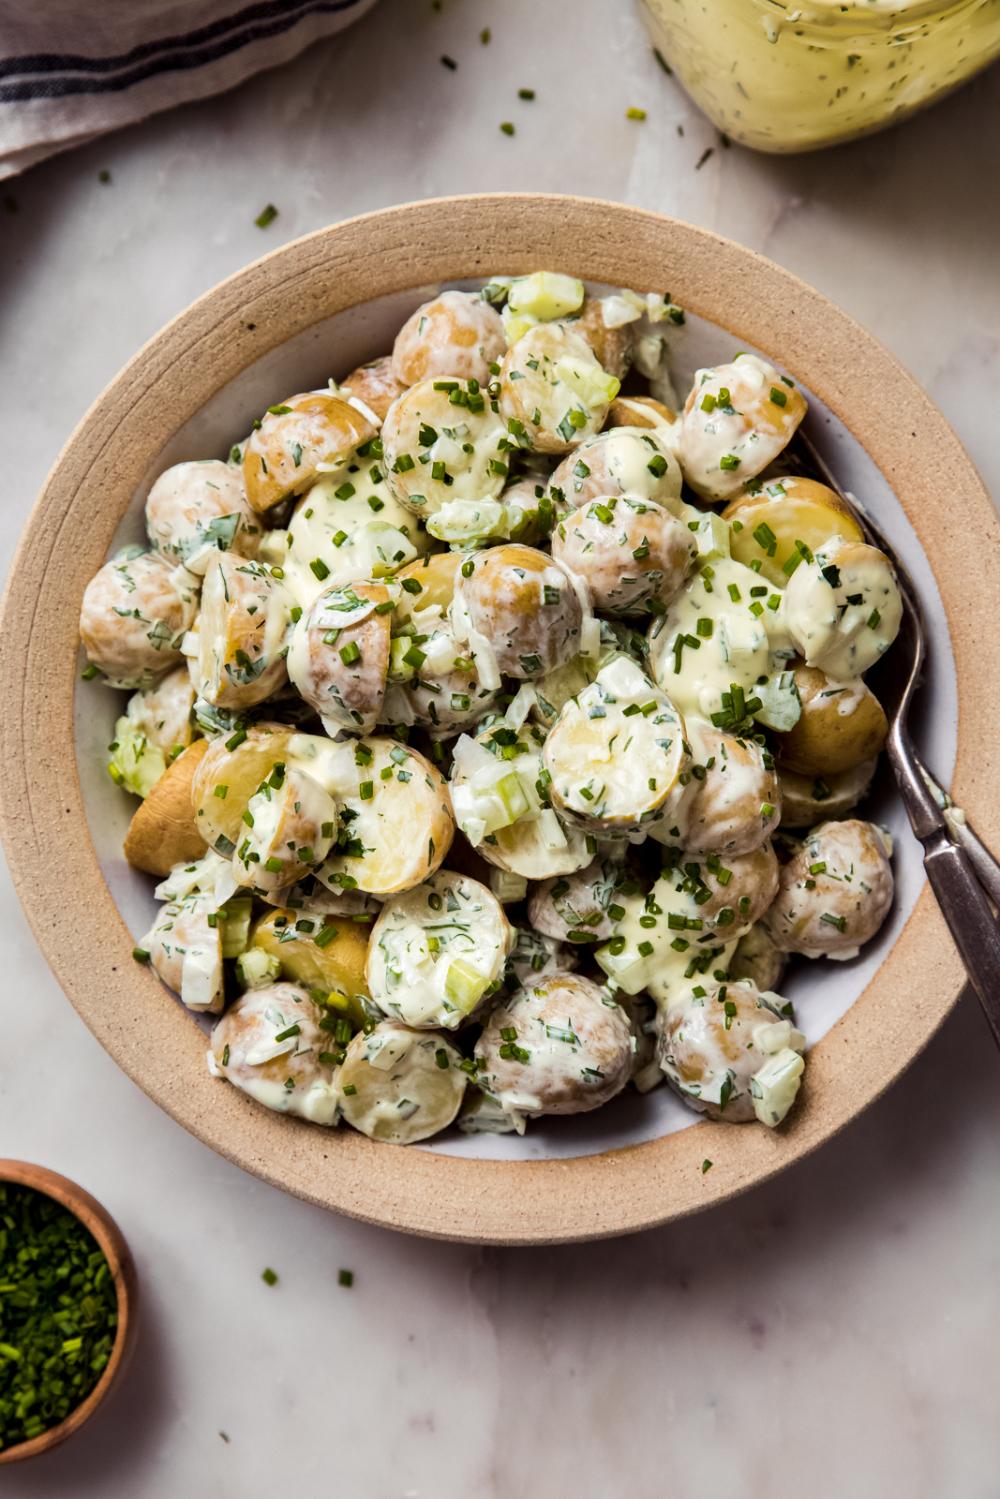 Creamy Sour Cream Chive Potato Salad Recipe Little Spice Jar Recipe In 2020 Homemade Potato Salads Sour Cream Potatoes Homemade Slaw